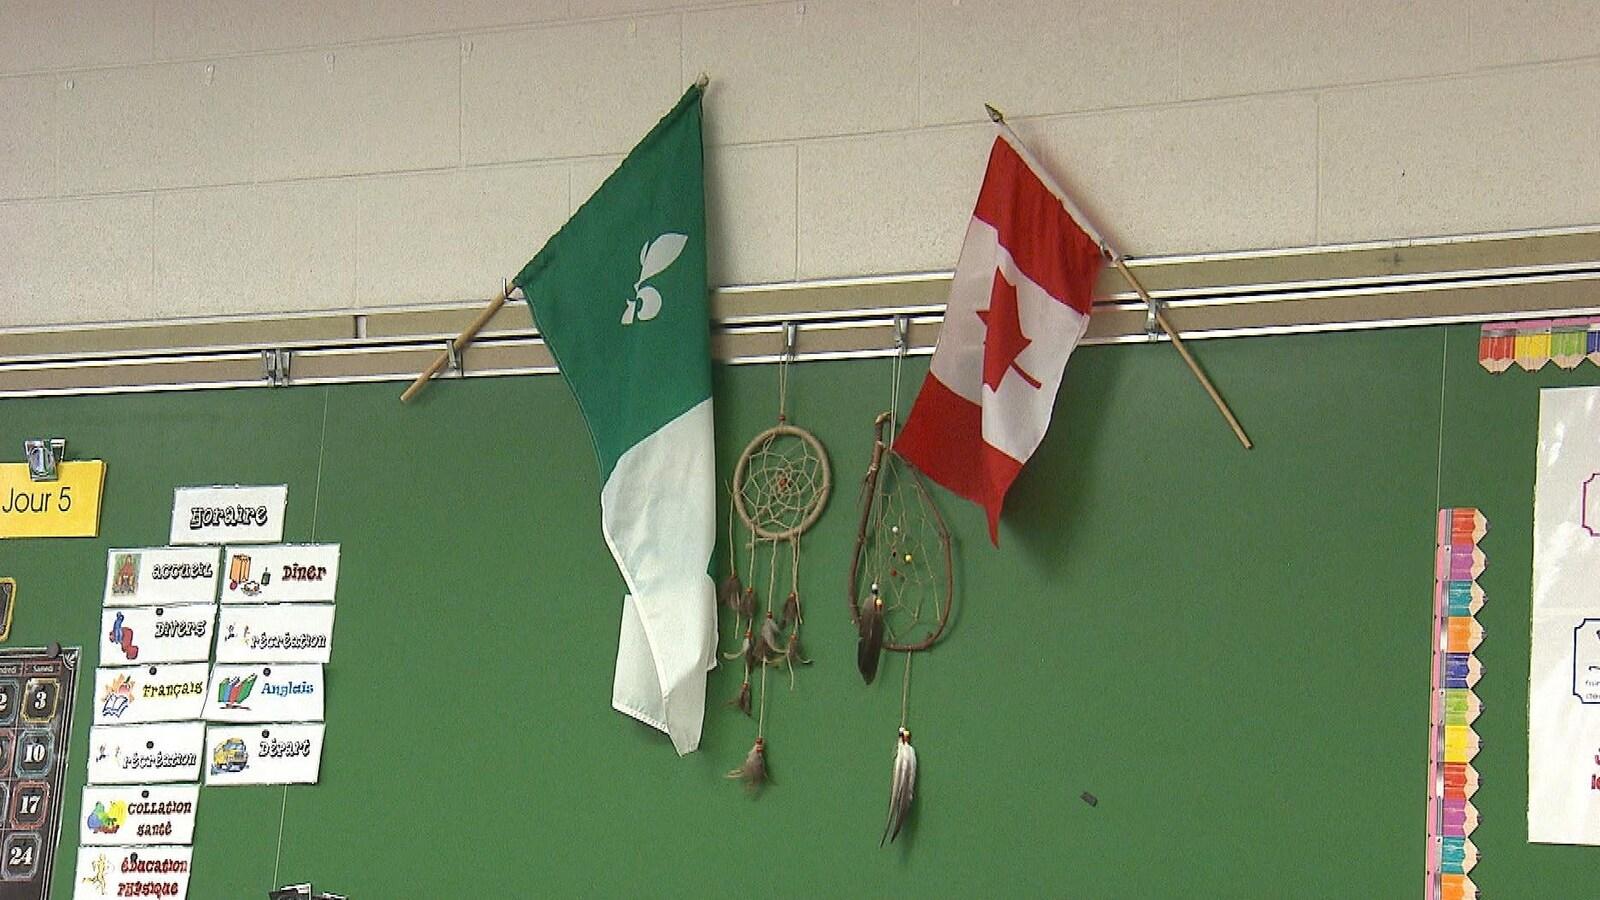 Les drapeaux franco-ontarien et canadien accrochés au-dessus du tableau d'une classe.